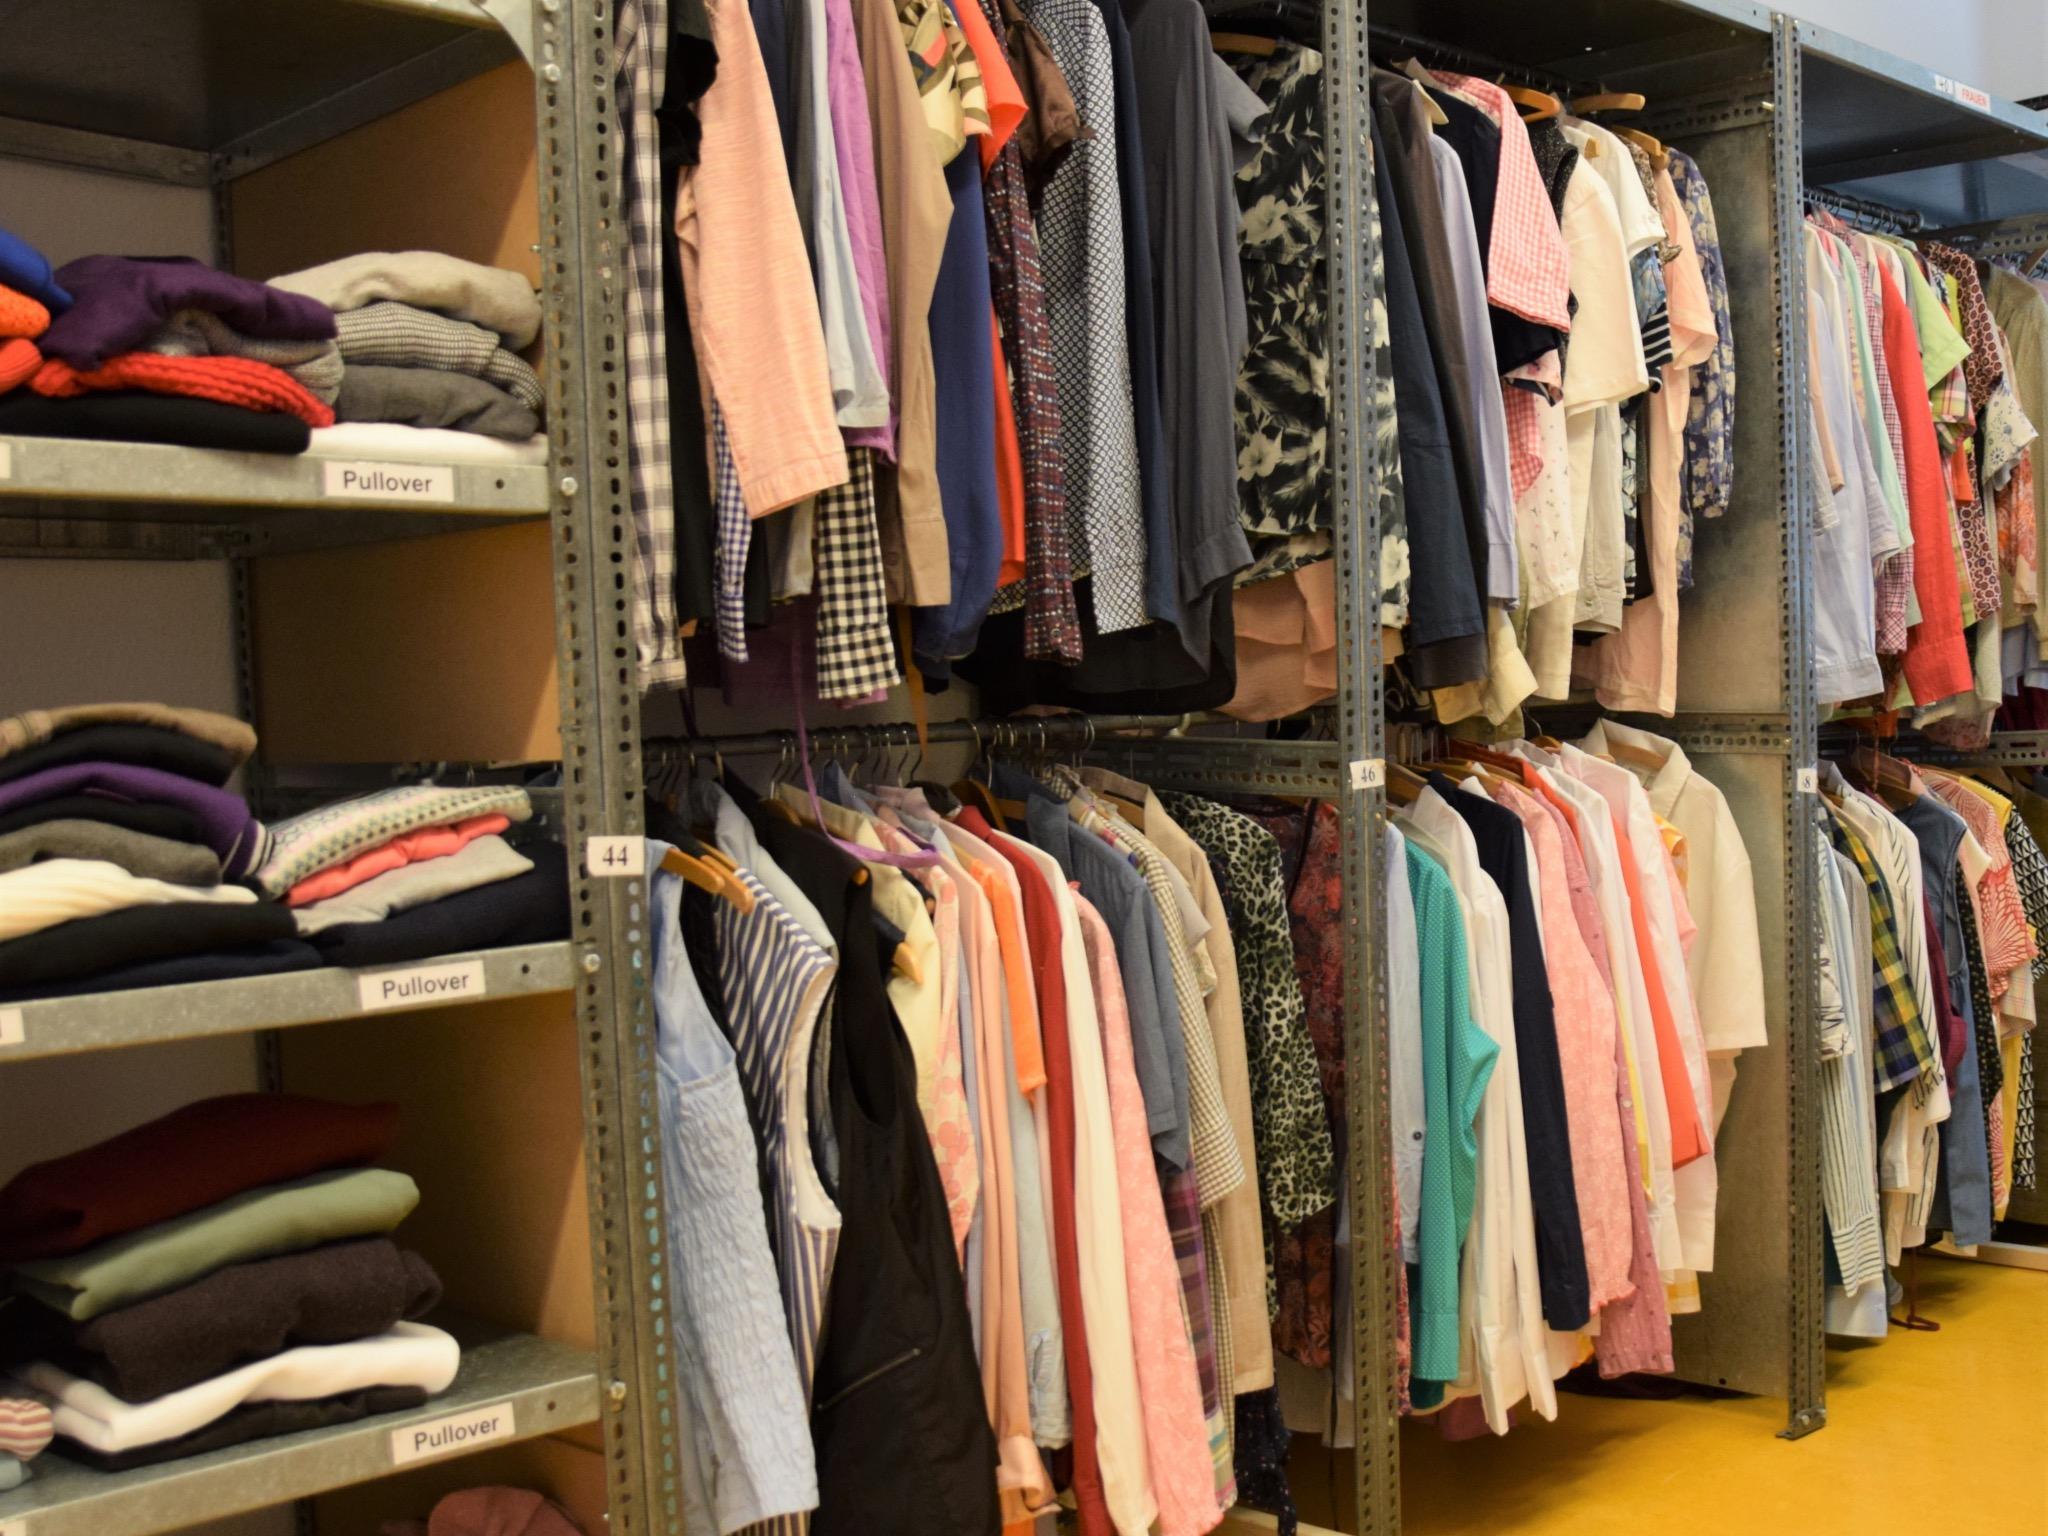 Für die Kunden des Caritasladens steht eine große Auswahl an Kleidung bereit. Foto: Claudia Jaspers